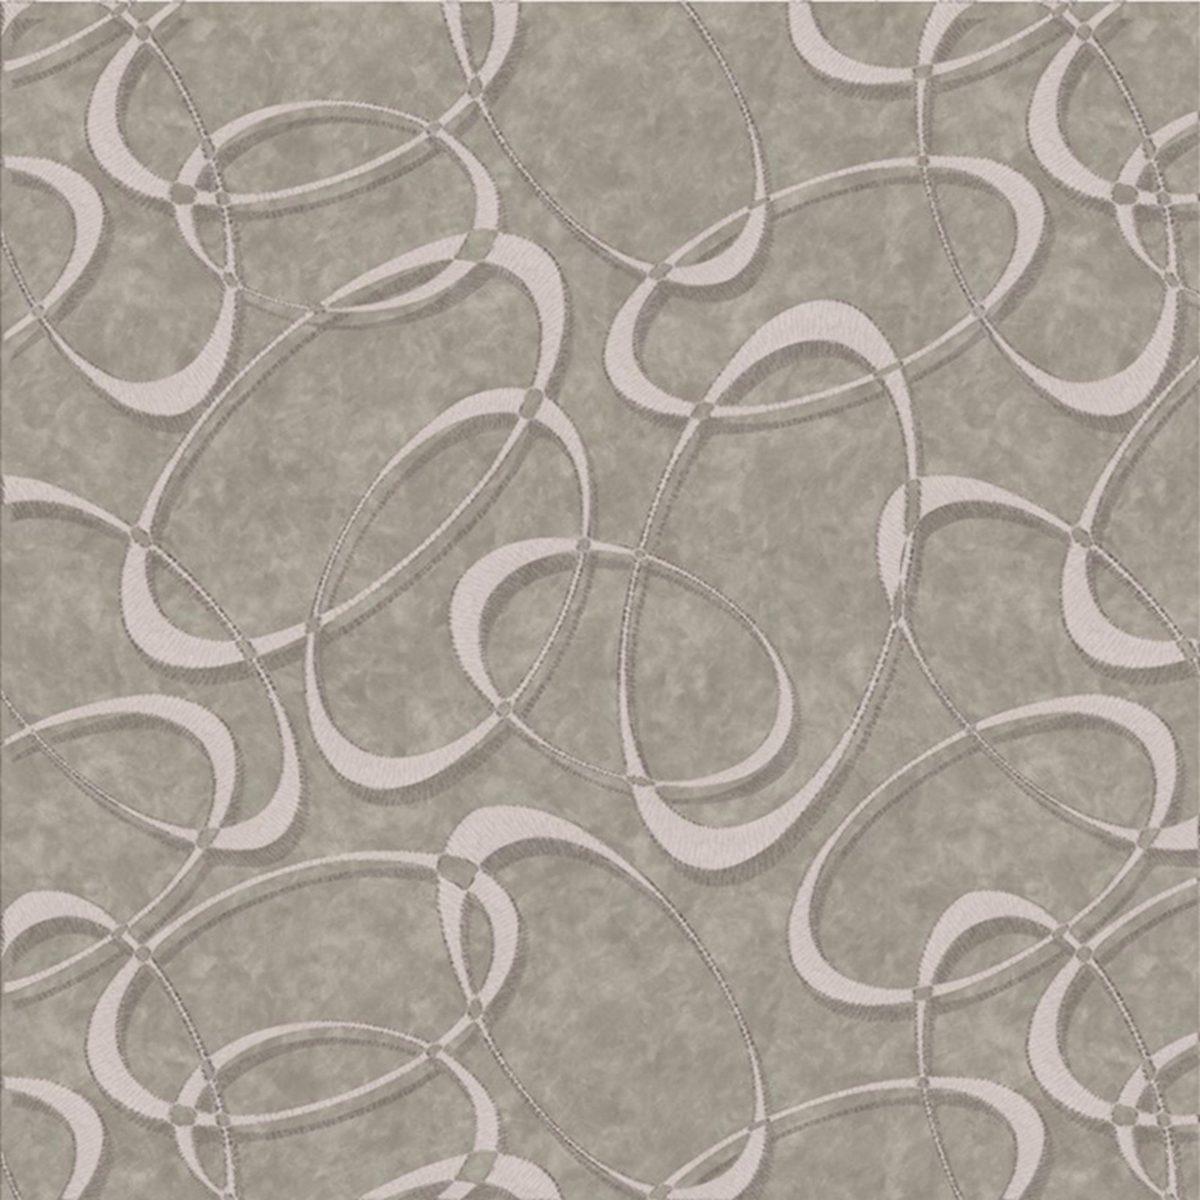 papel de parede corium moderno circular cinza e chumbo r